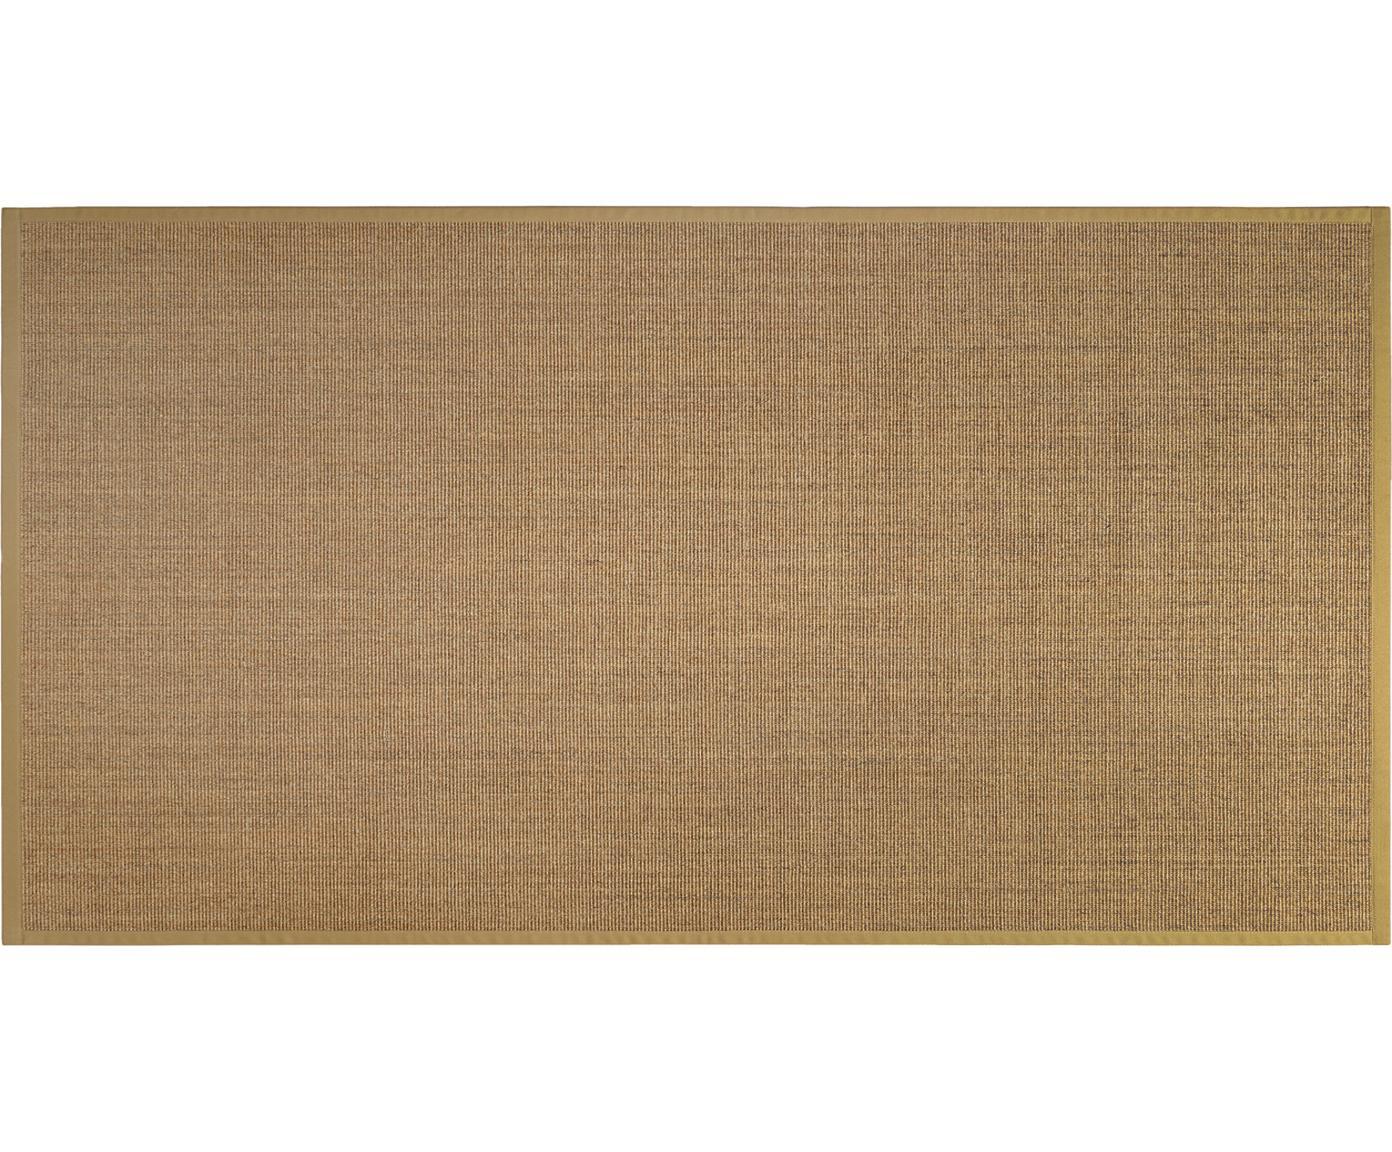 Sisalteppich Leonie in Beige, Vorderseite: 100% Sisalfaser, Rückseite: Latex, Beige, B 80 x L 150 cm (Größe XS)